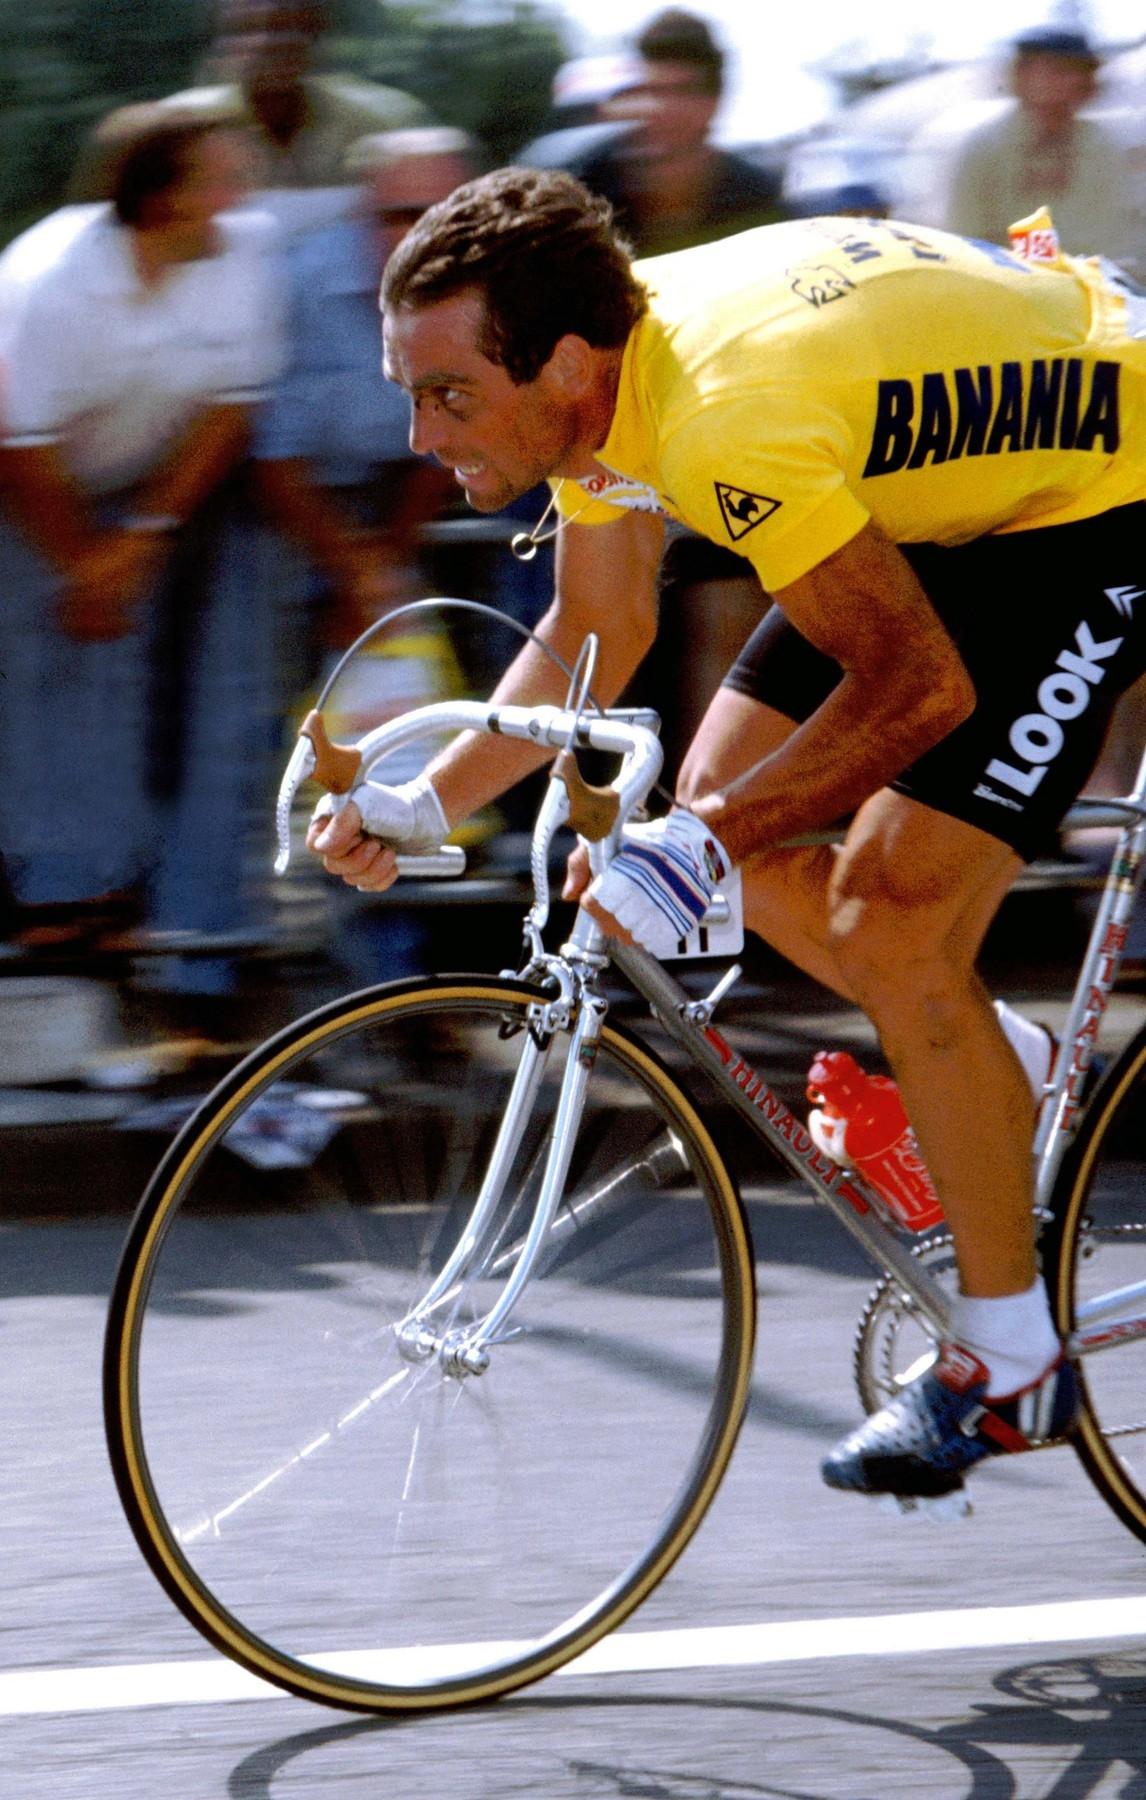 Bernard Hinault jede pro poslední žlutý trikot kariéry pět let poté co kvůli zranění závod opustil potají. Foto: profimedia